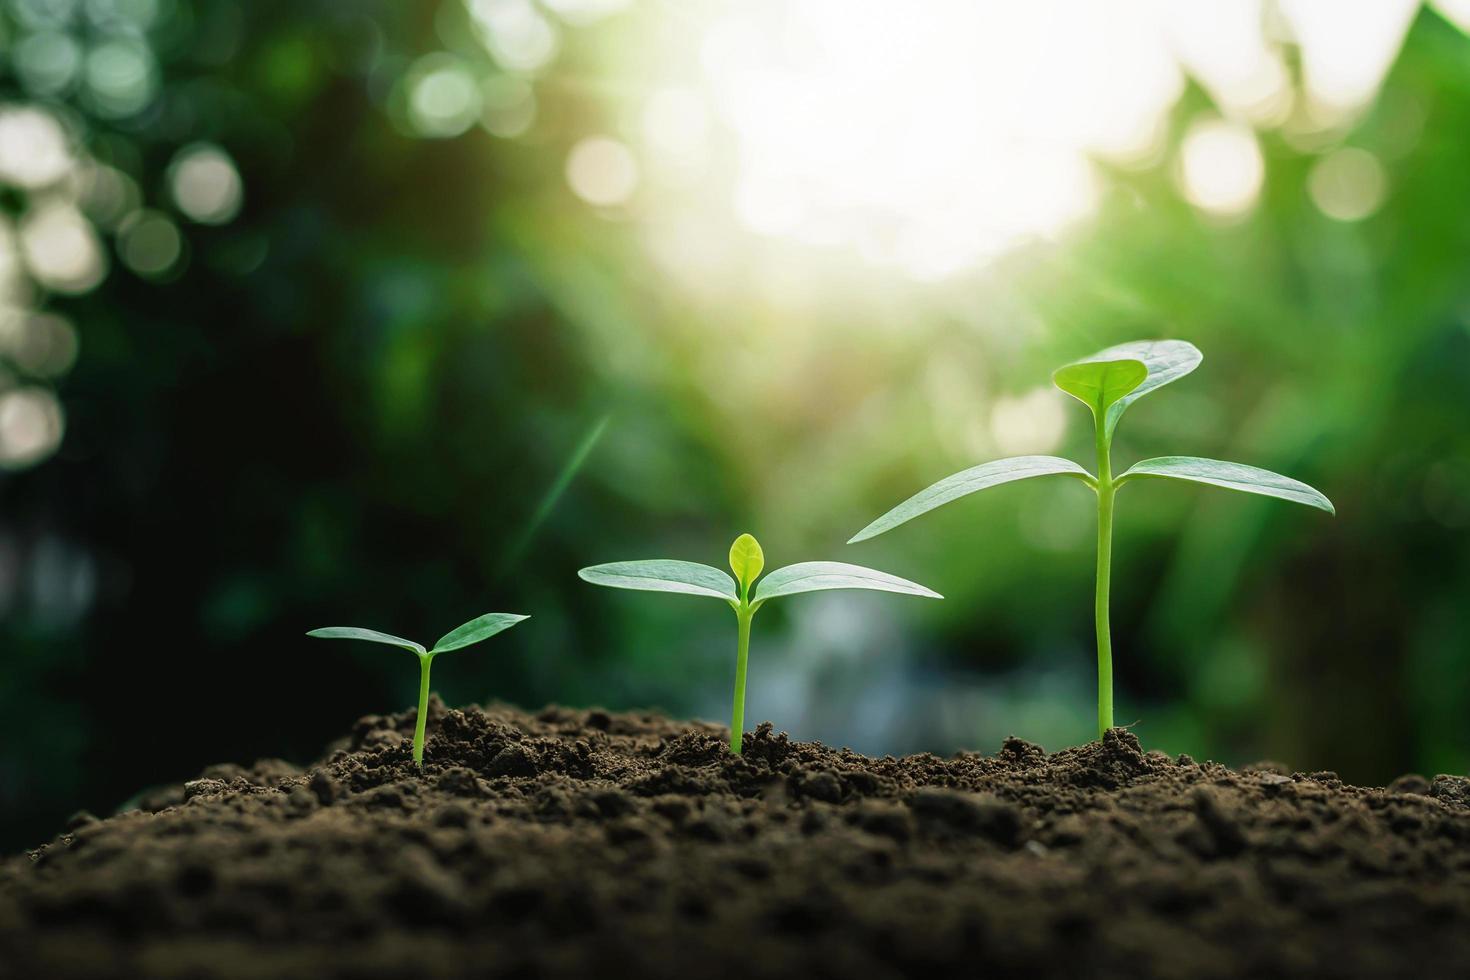 växtväxt på marken foto